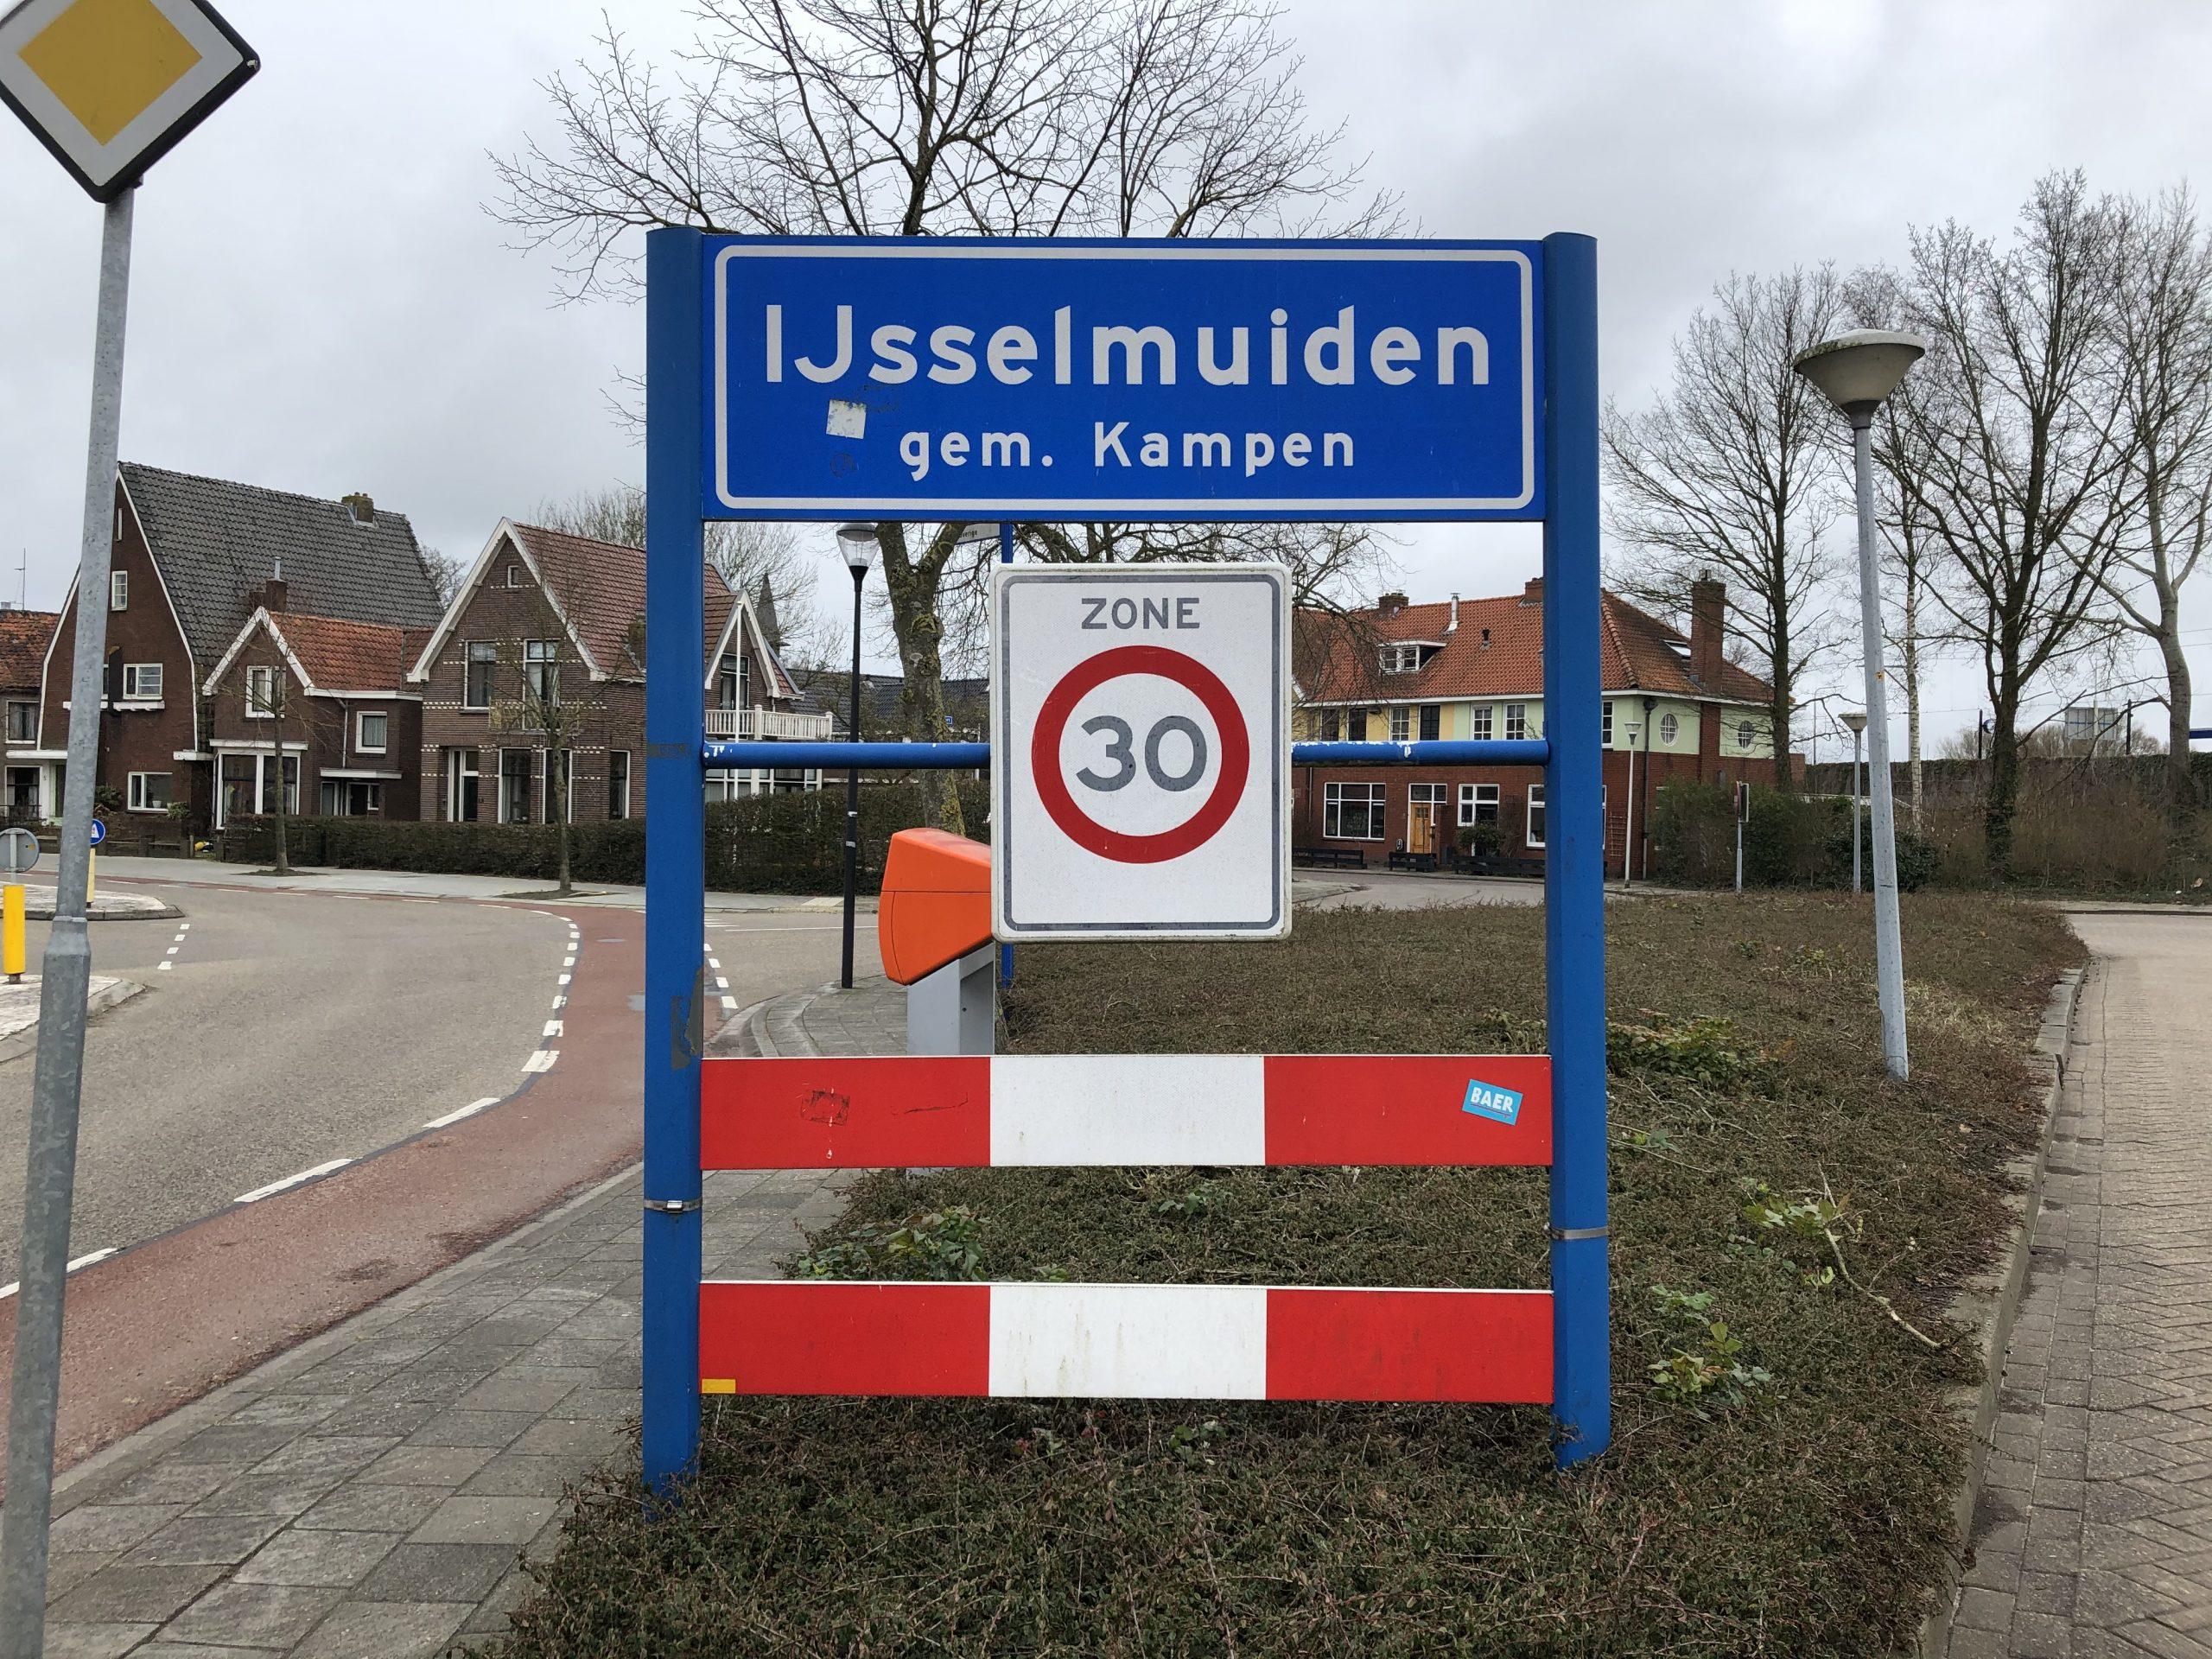 Dorpsspreekuur in IJsselmuiden